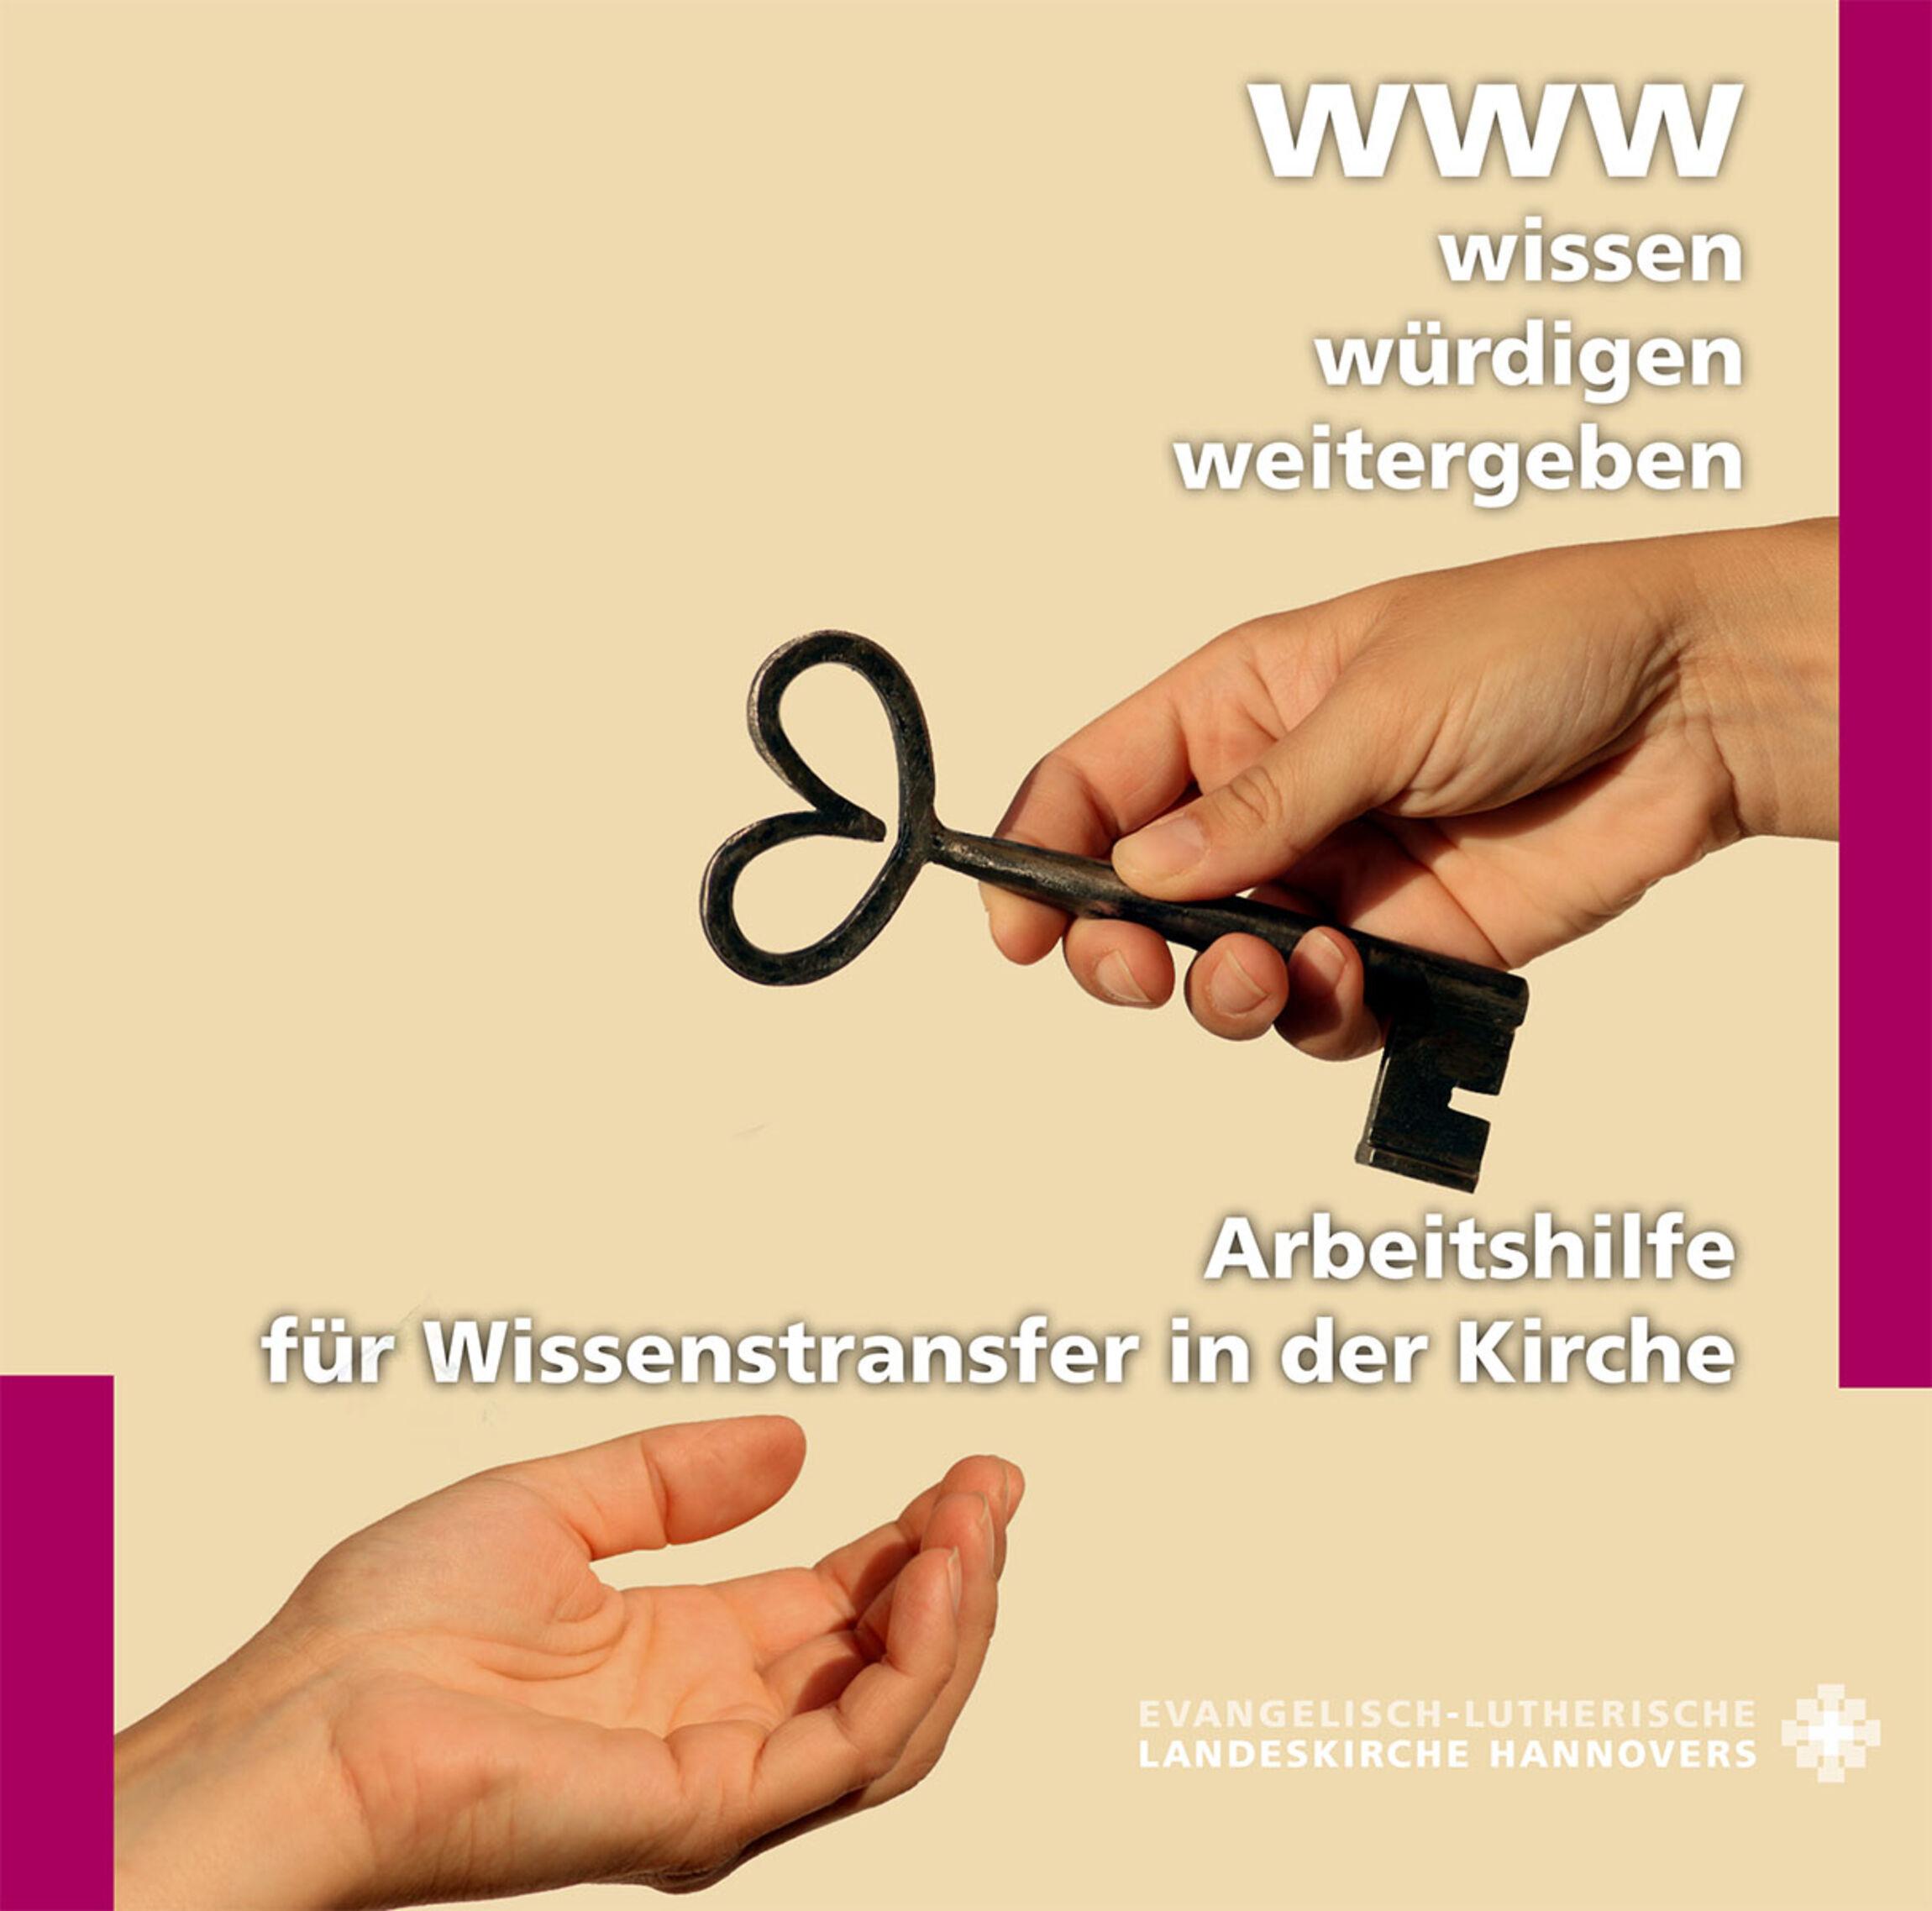 2130_WWW_Arbeitshilfe_2012_UMSCHLAG_NEU _4,5mm BUND_DRUCK-1